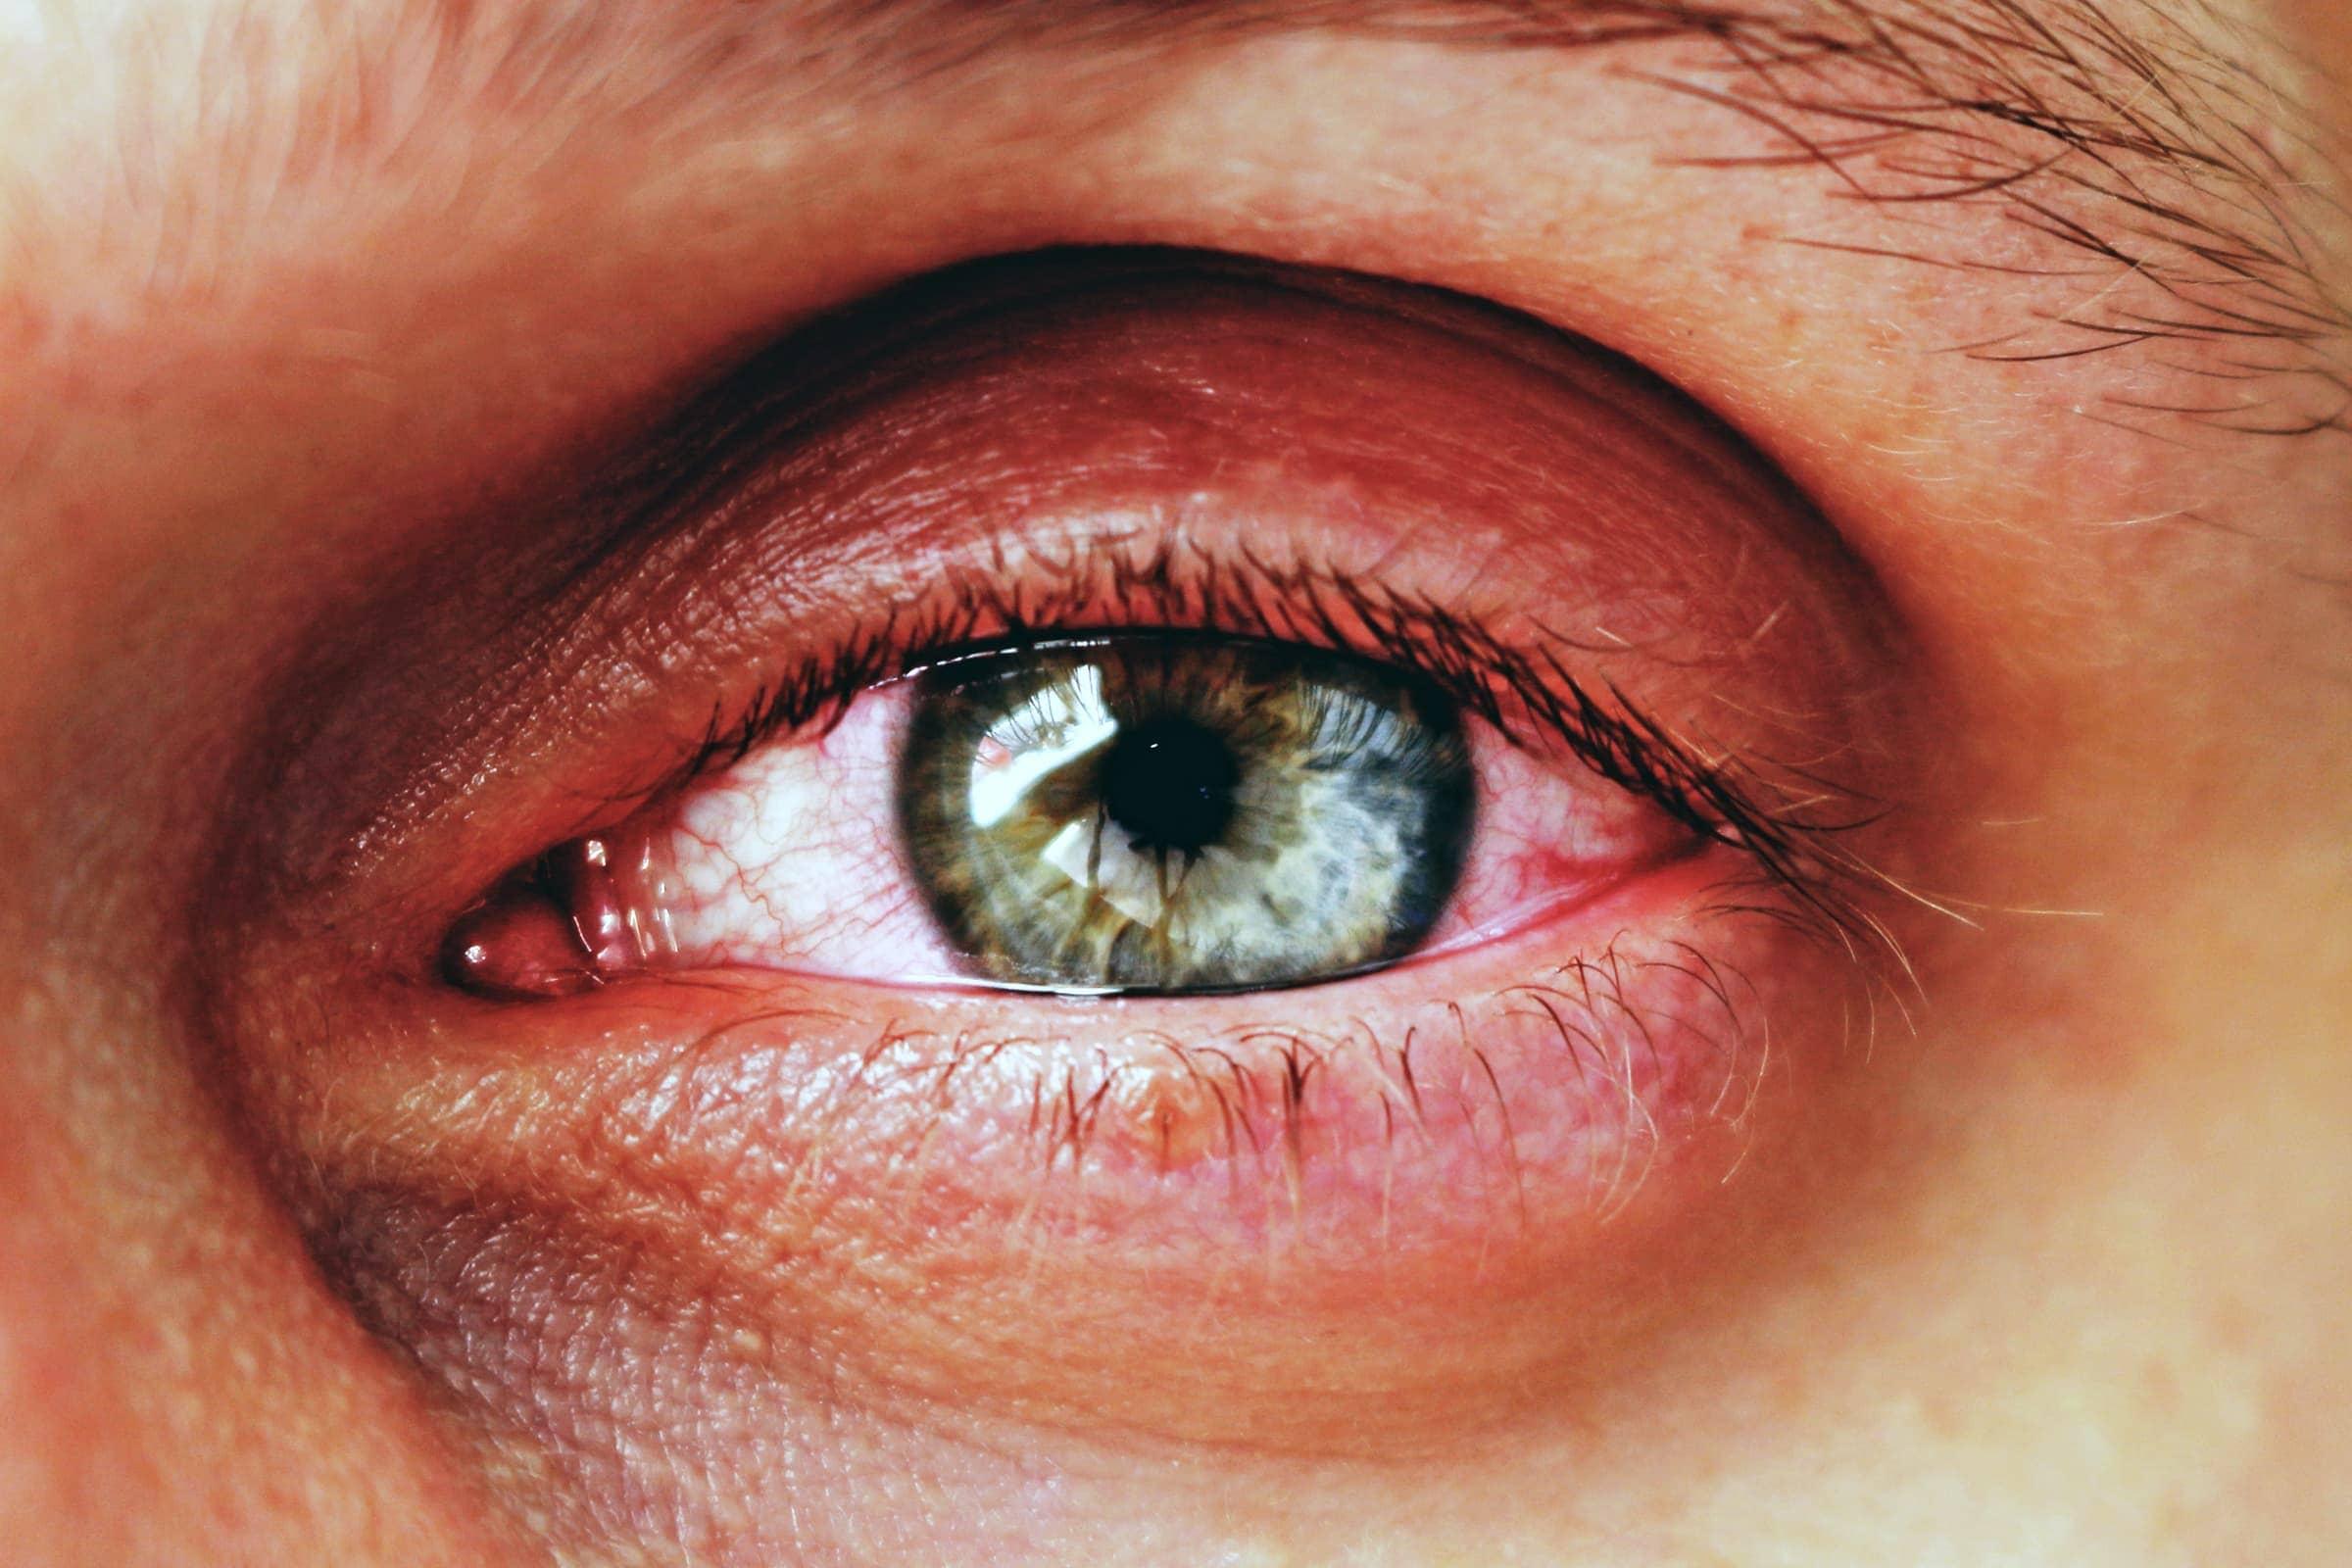 Bindehautentzündung (infektiöse Konjunktivitis) – rote juckende Augen